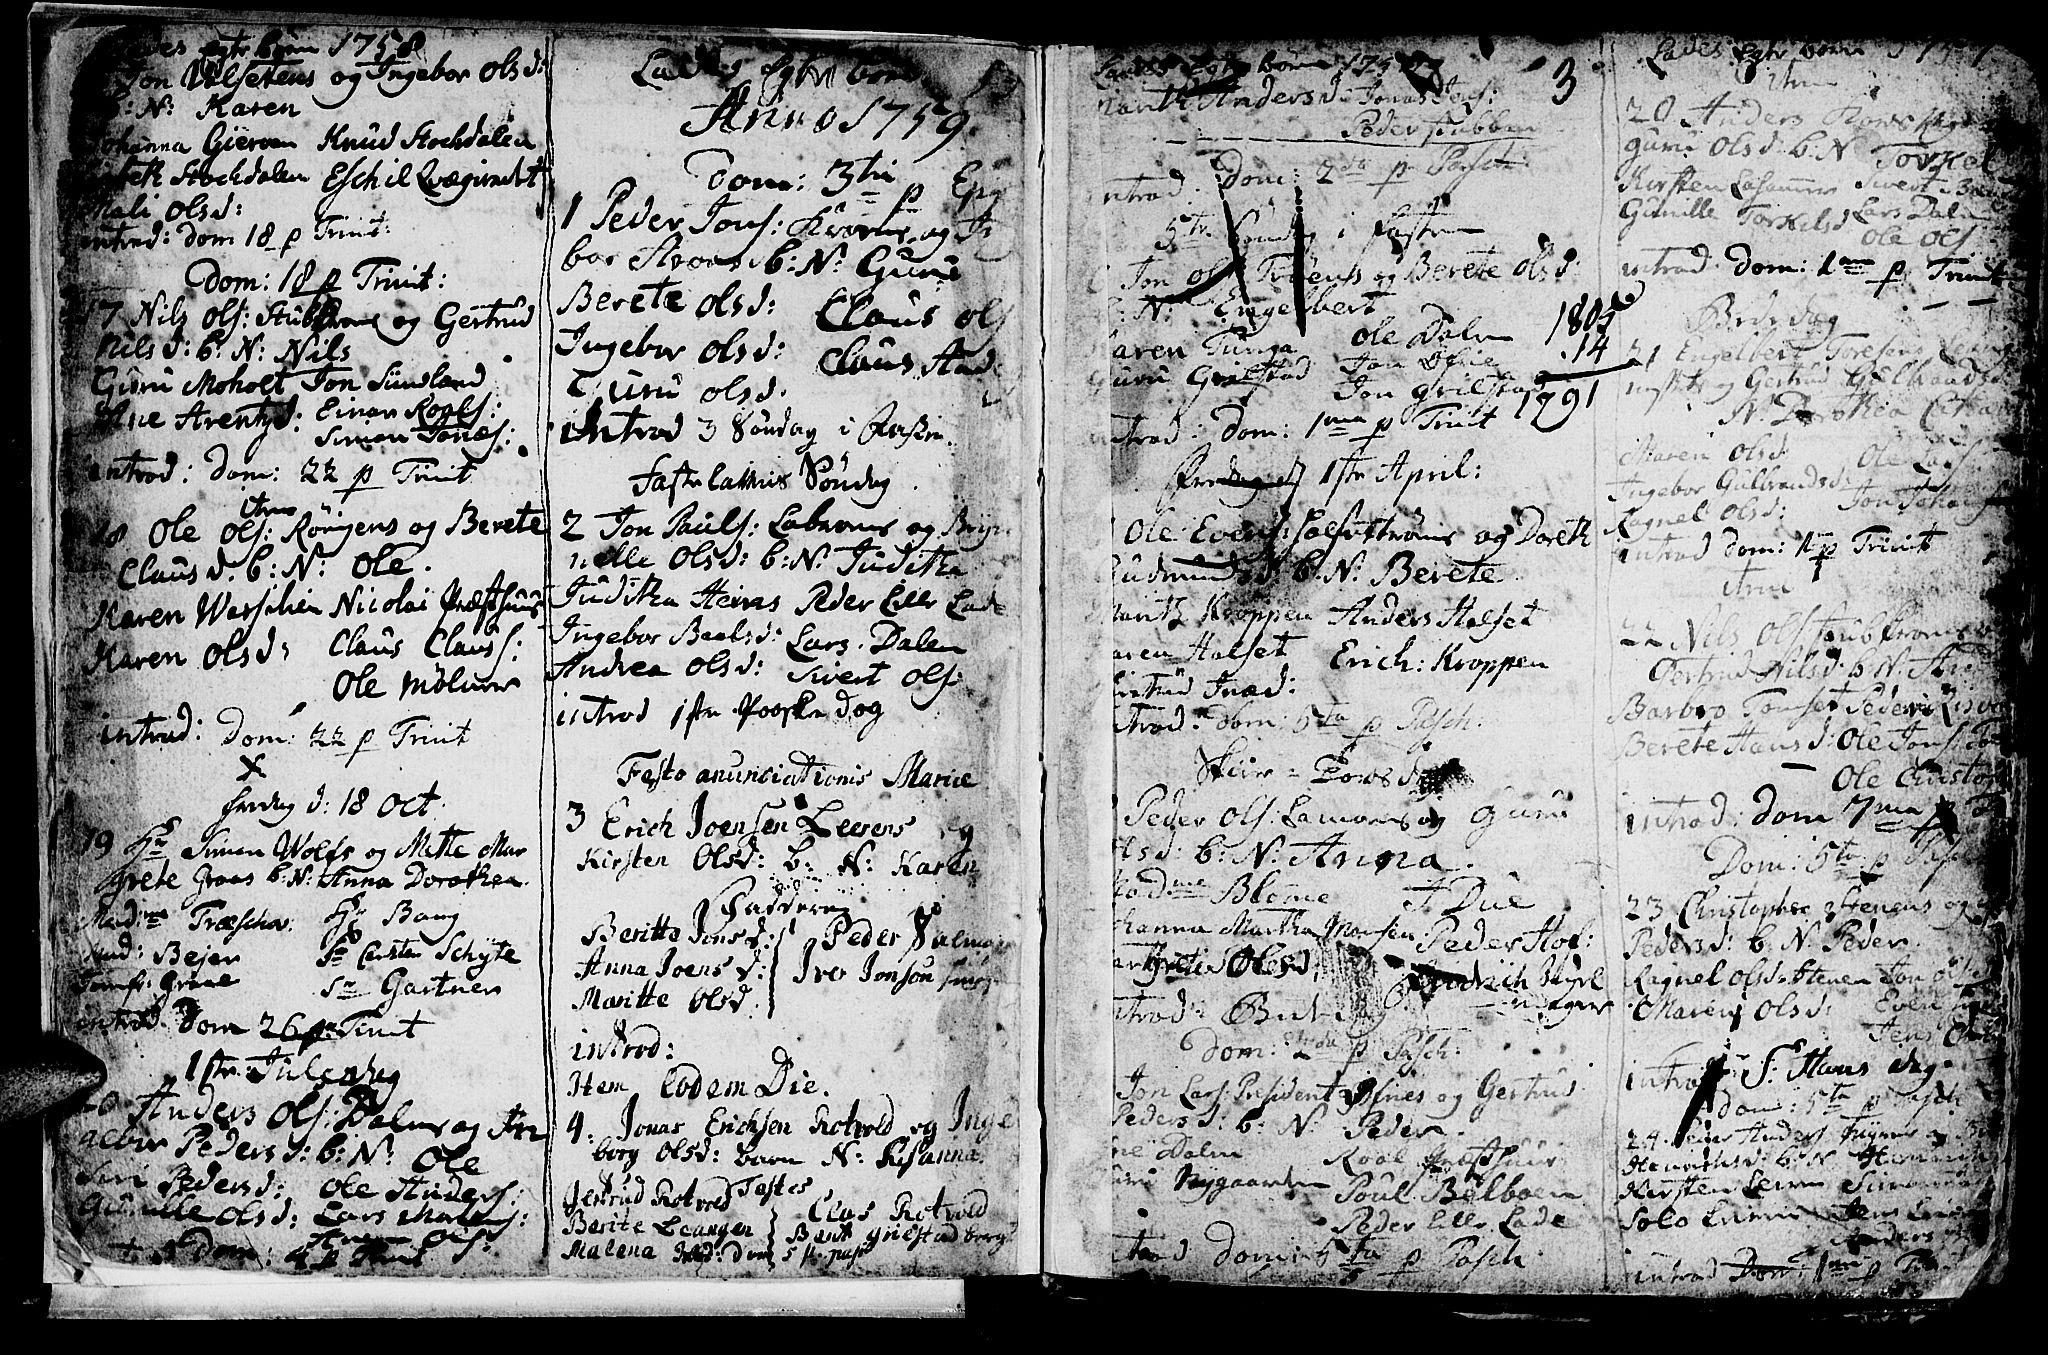 SAT, Ministerialprotokoller, klokkerbøker og fødselsregistre - Sør-Trøndelag, 606/L0305: Klokkerbok nr. 606C01, 1757-1819, s. 3